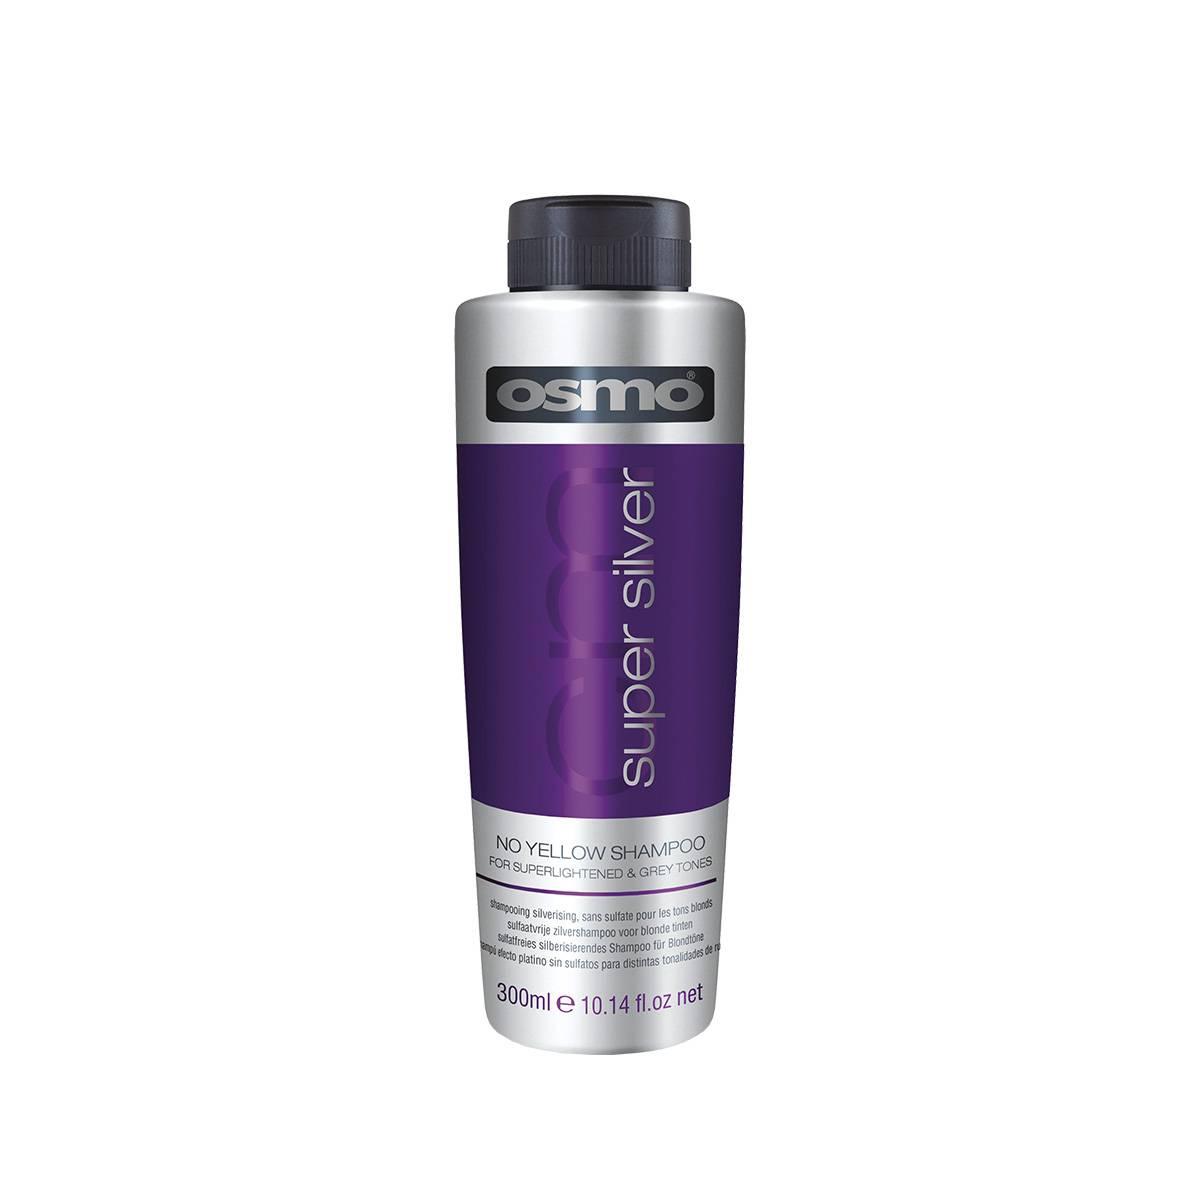 Shampoo super silver no yellow 300ml ANTIGIALLO